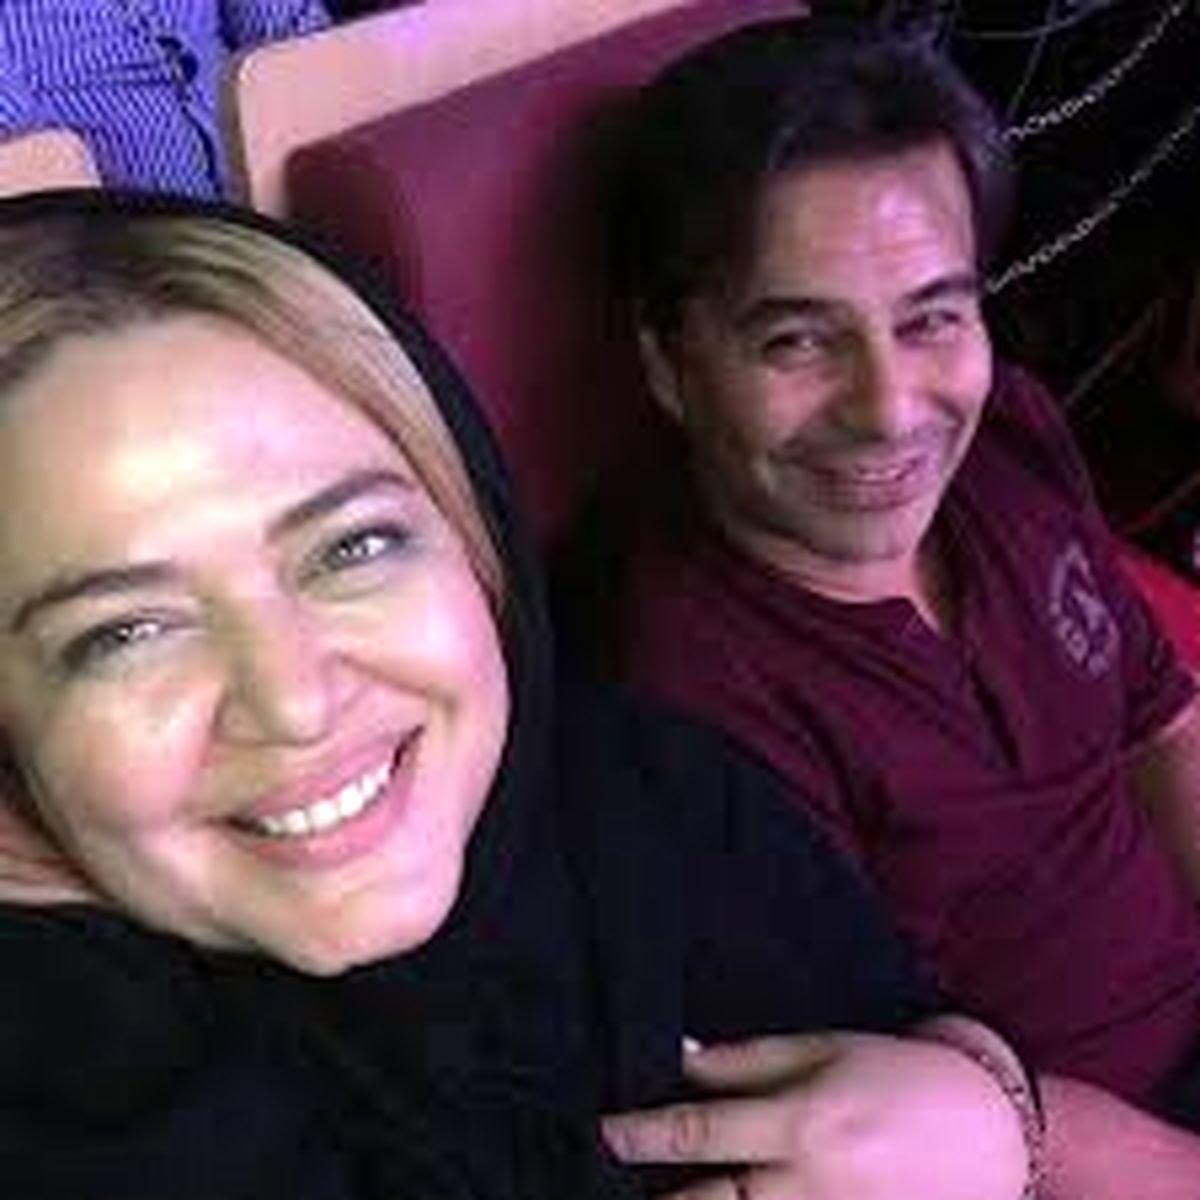 عکس همسر خیلی جوان پیمان قاسم خانی بعد از طلاق بهاره رهنما !